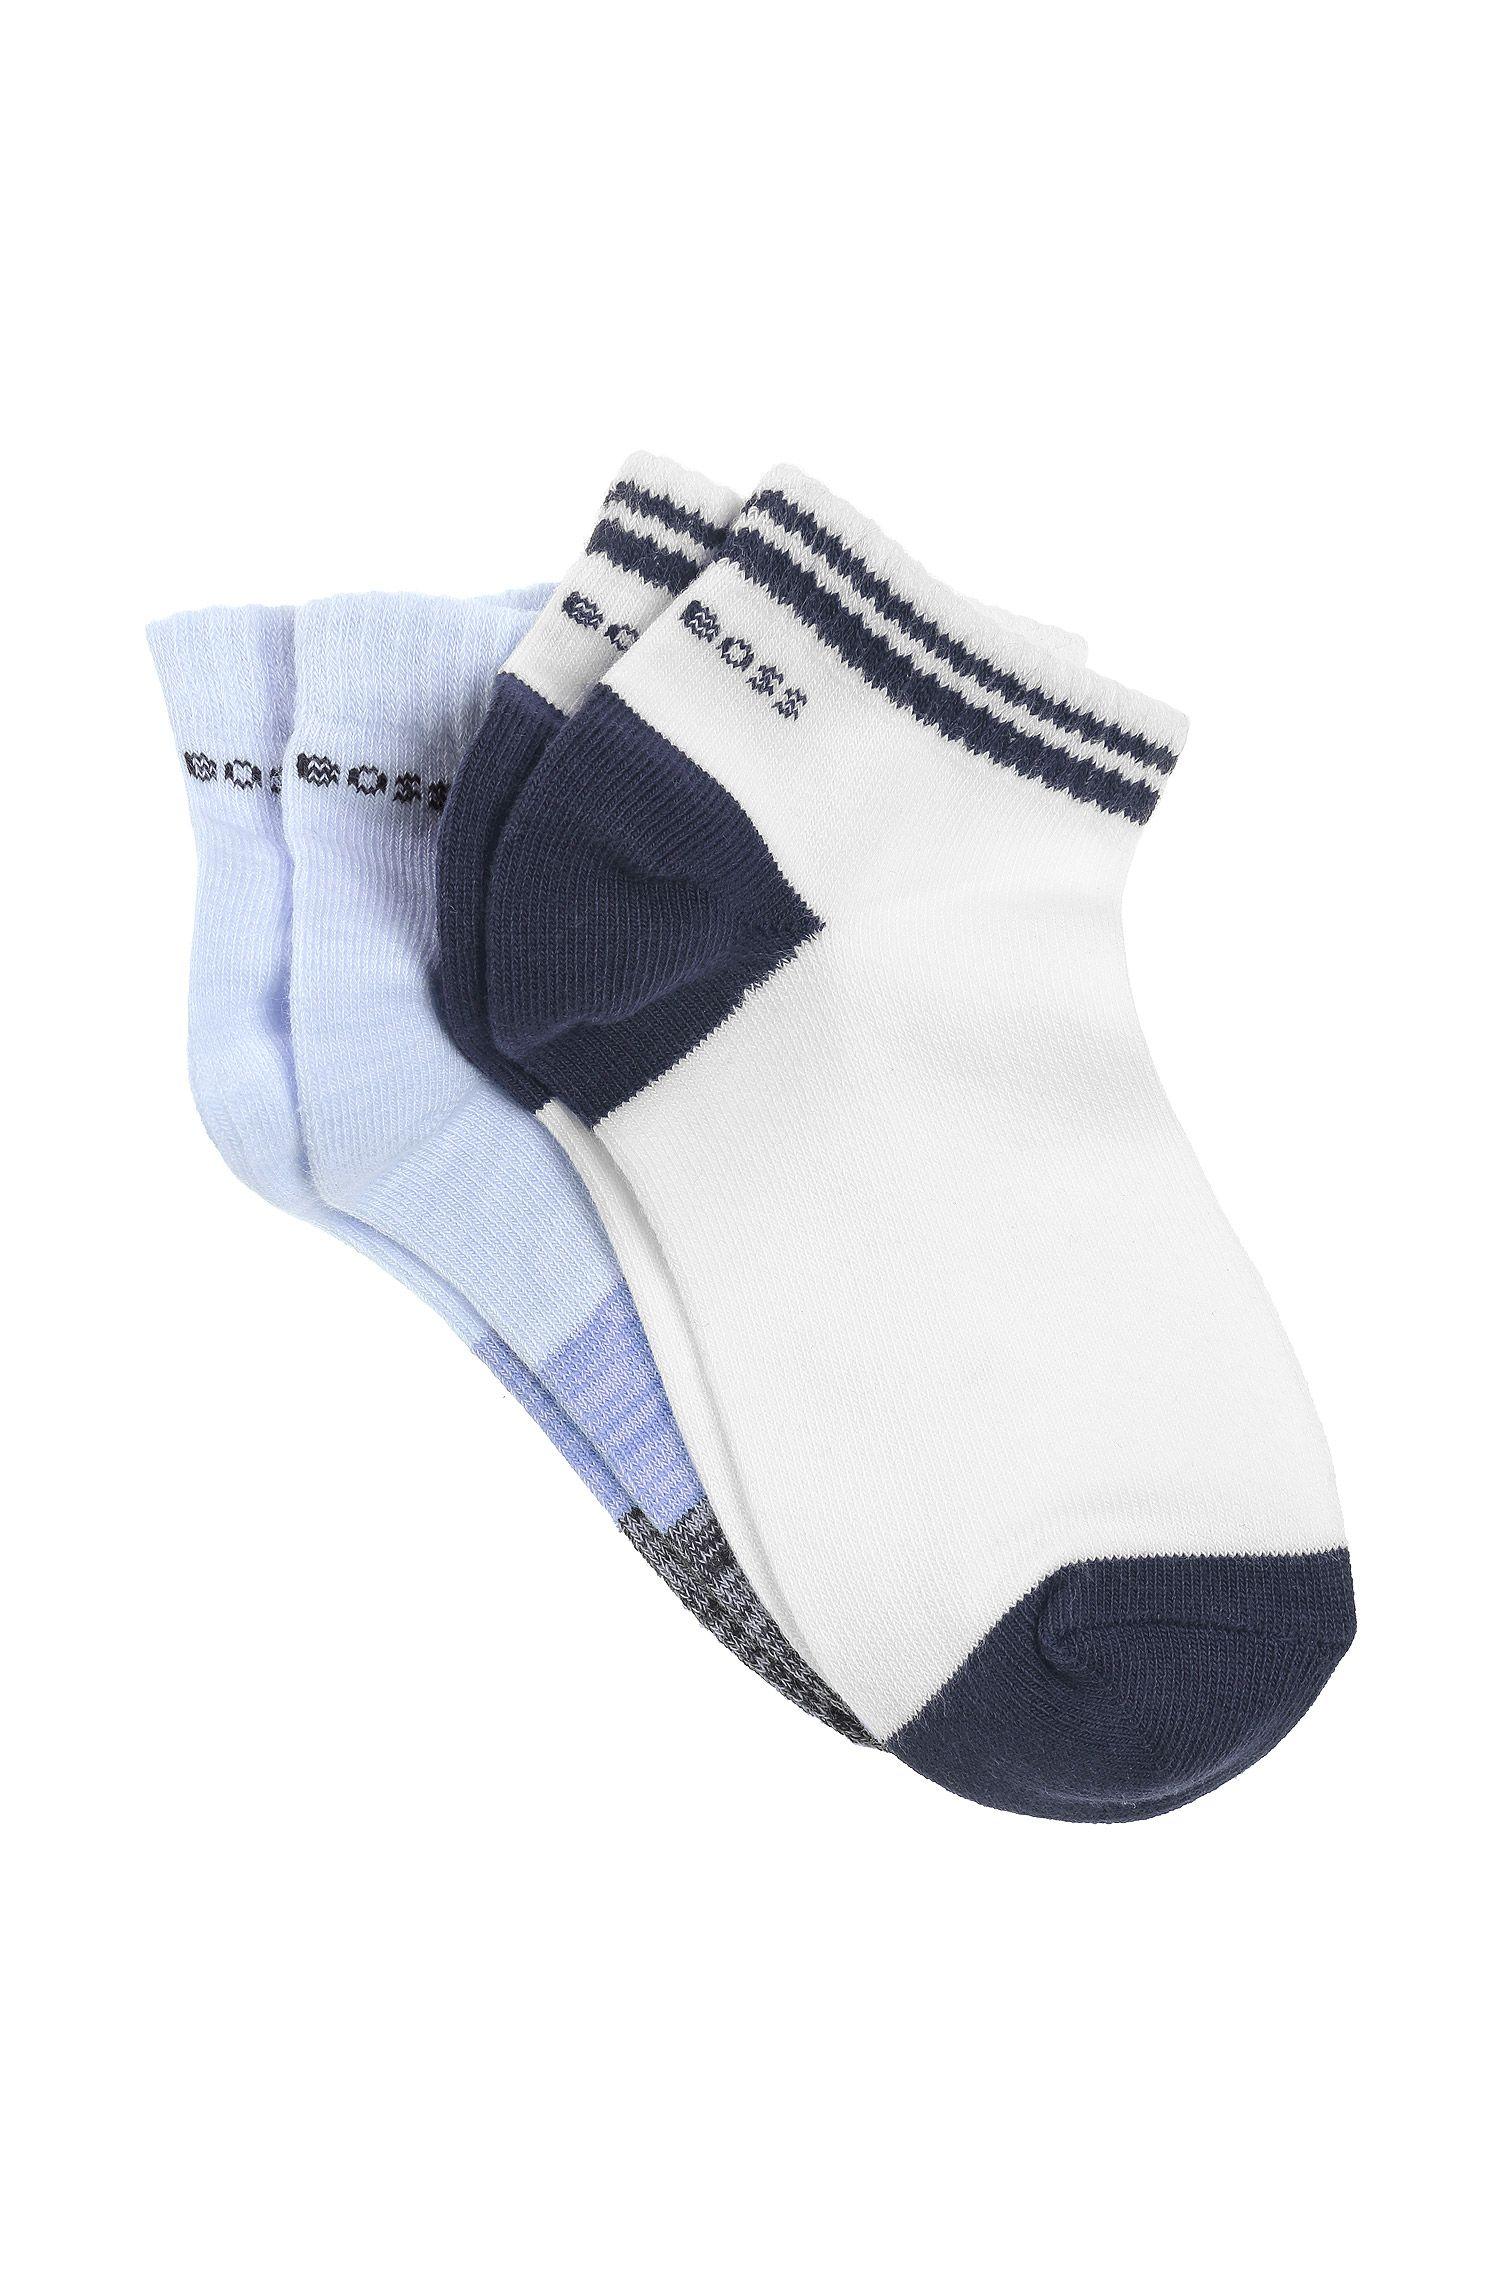 Lot de 2paires de chaussettes «J20157» en coton mélangé